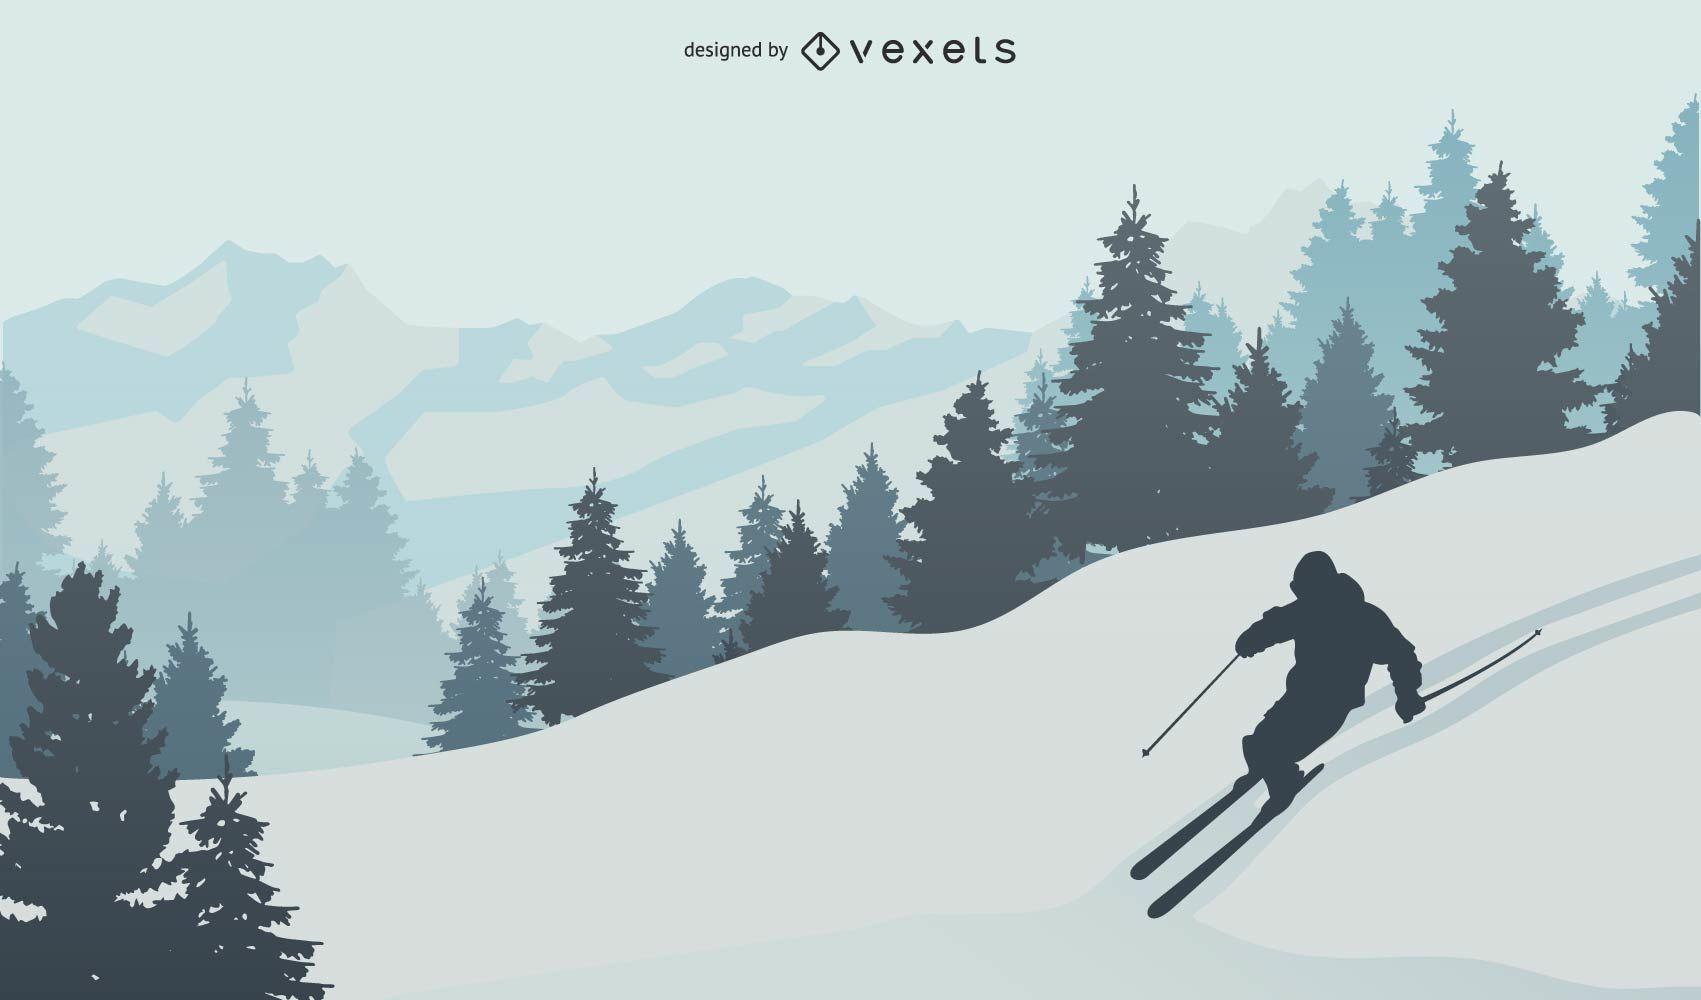 Ski in the Snowy Mountain Vector Scene